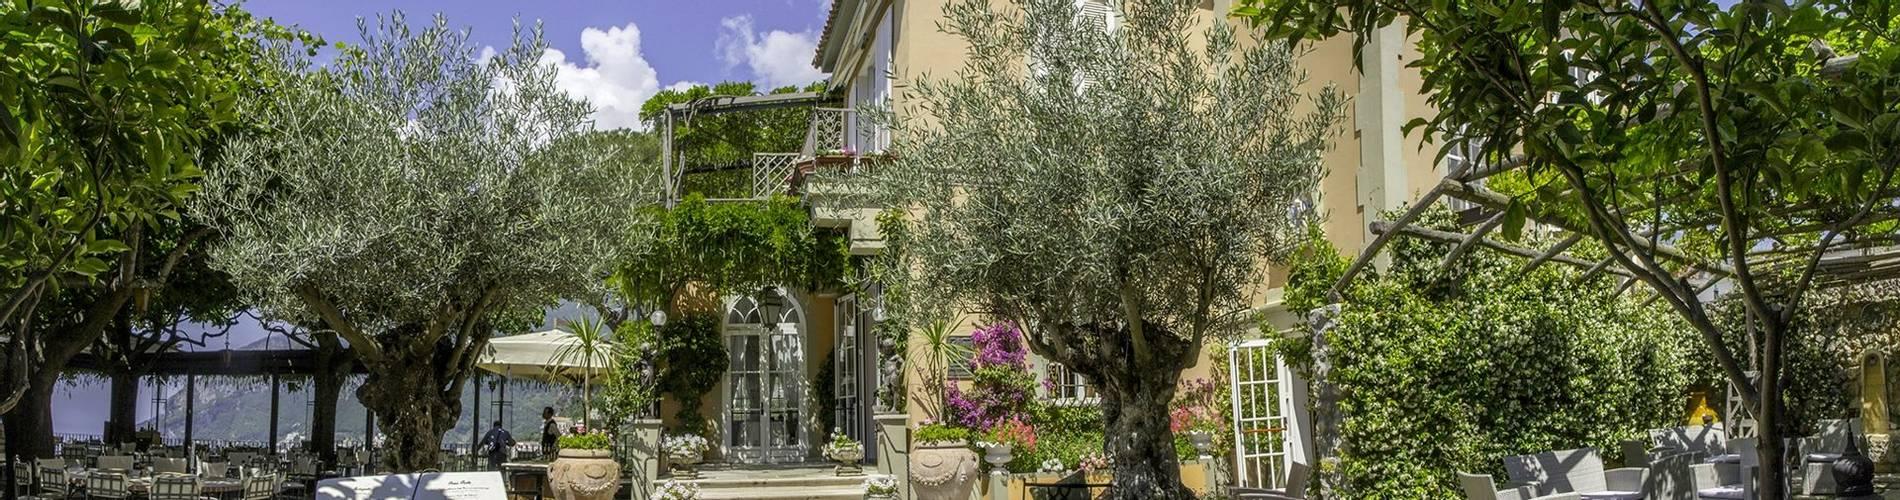 Villa Maria, Amalfi Coast, Italy, The entrance.jpg